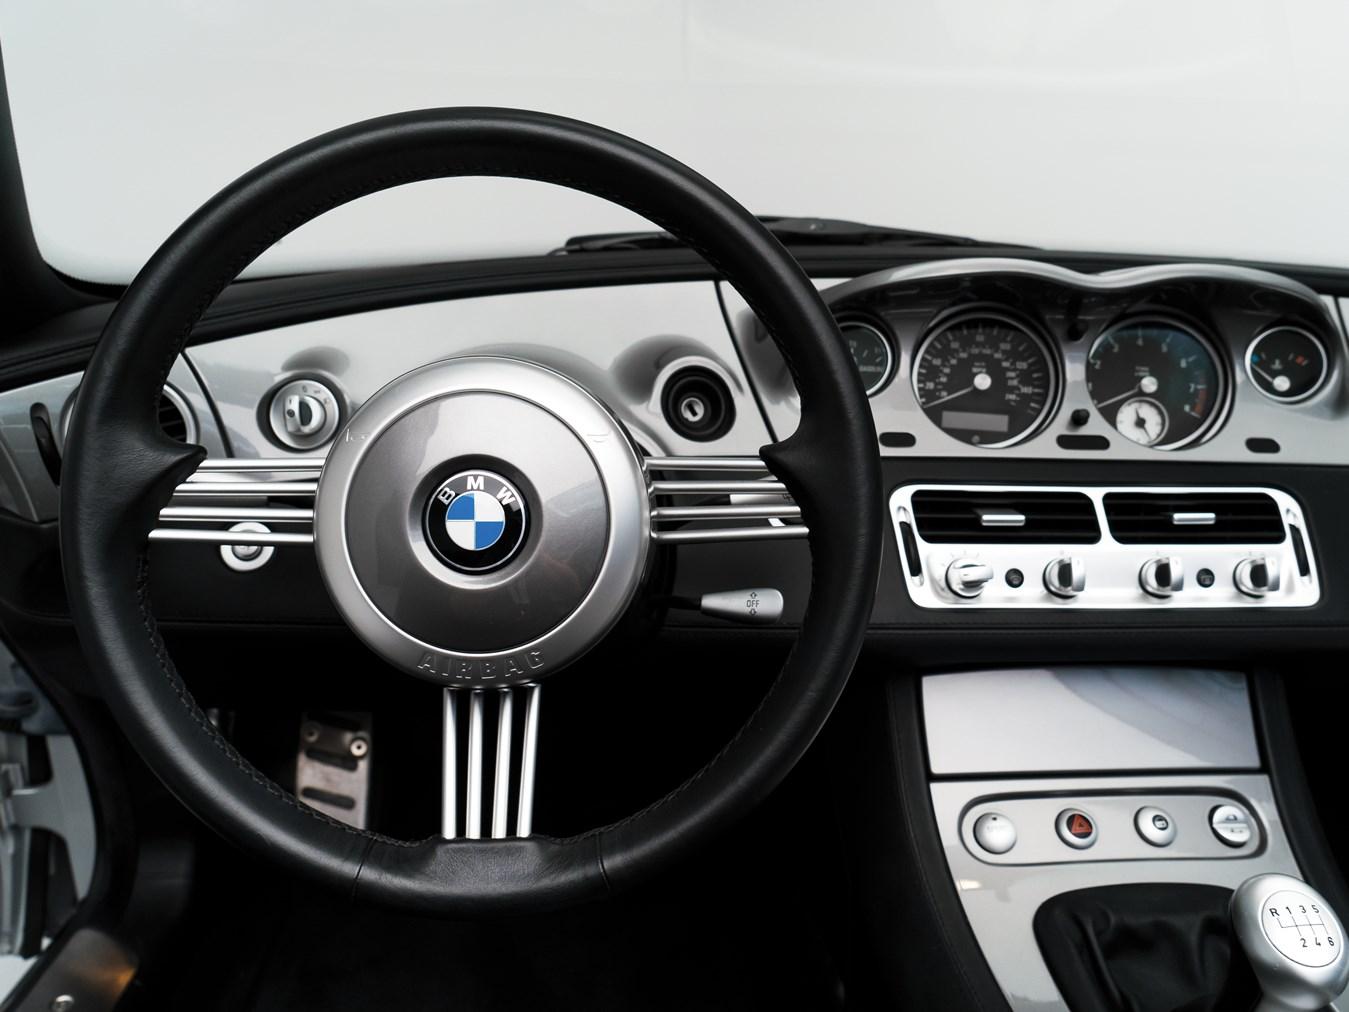 2000 BMW Z8 dash